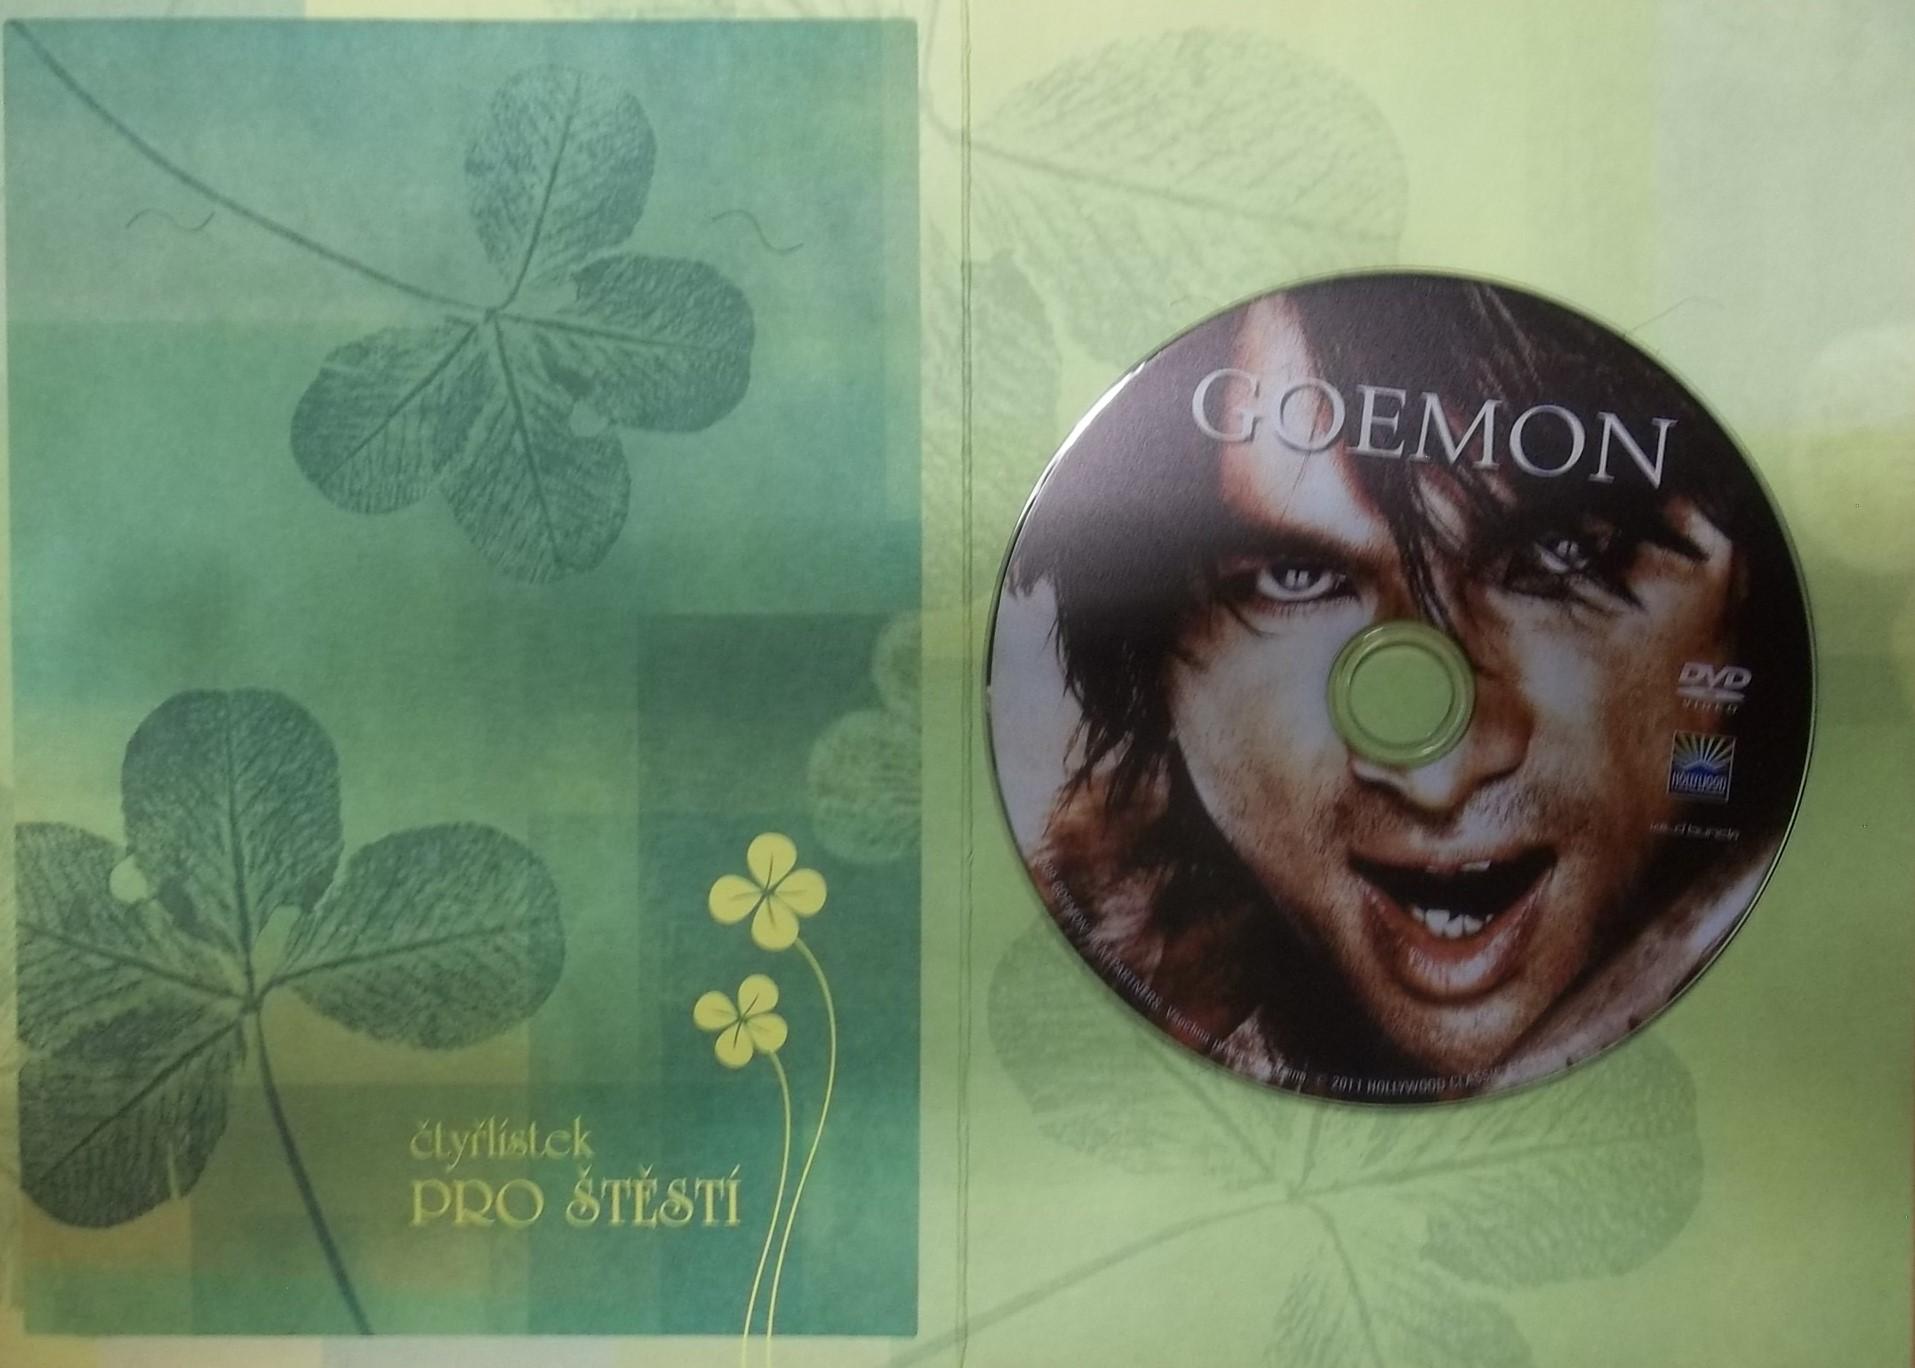 Goemon (dárková obálka) DVD